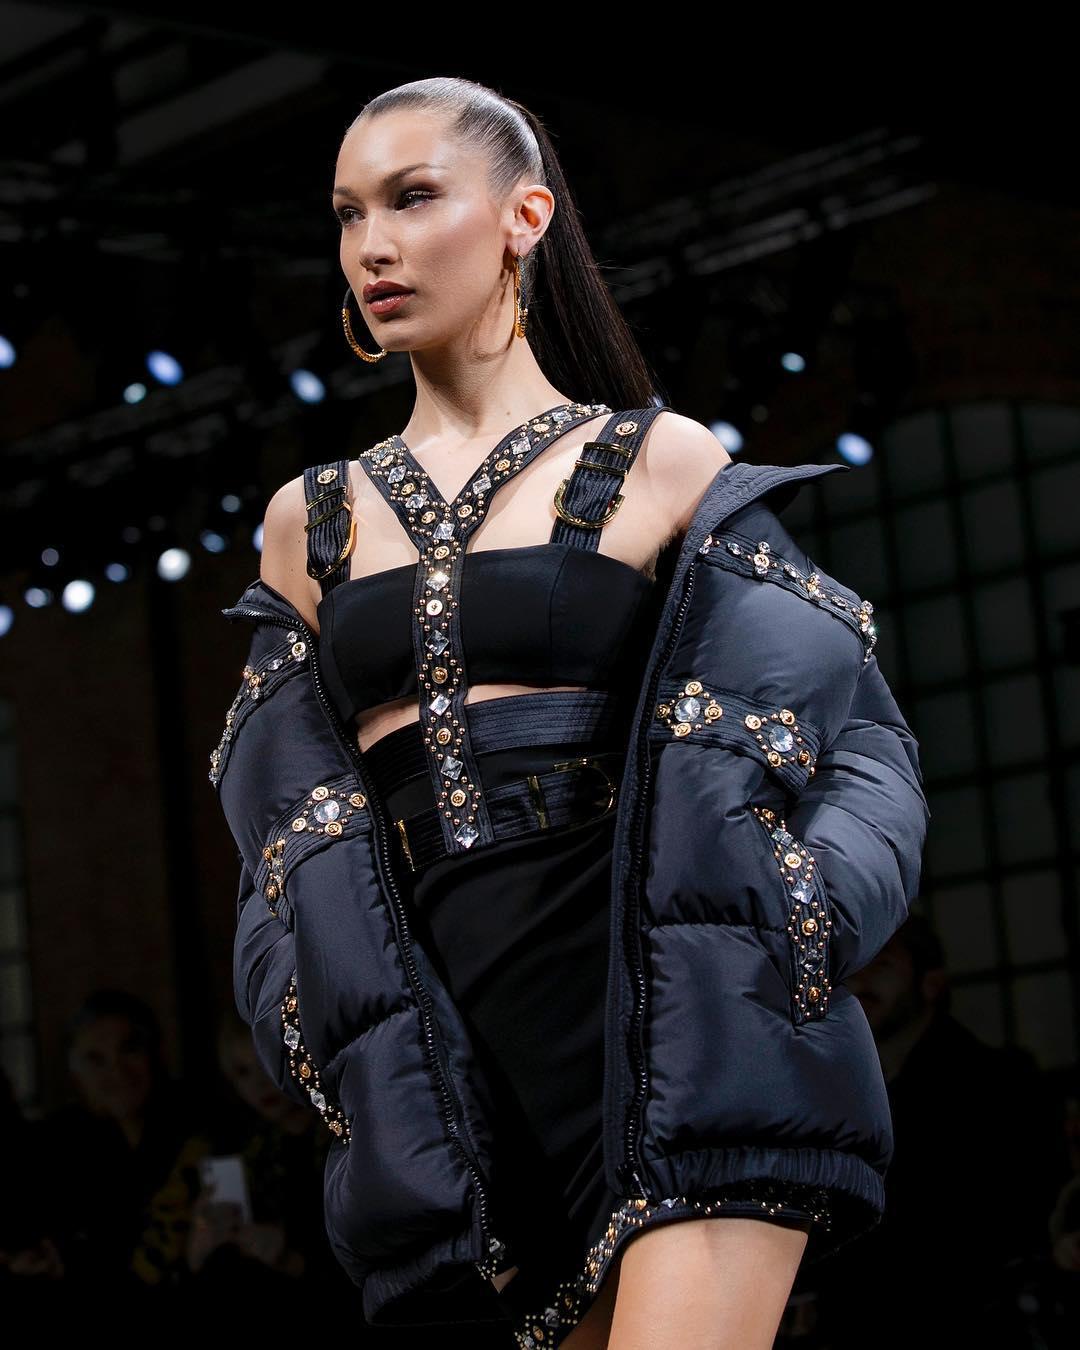 Неделя мужской моды в Милане: Джиджи Хадид, Кайя Гербер и другие на подиуме-Фото 5